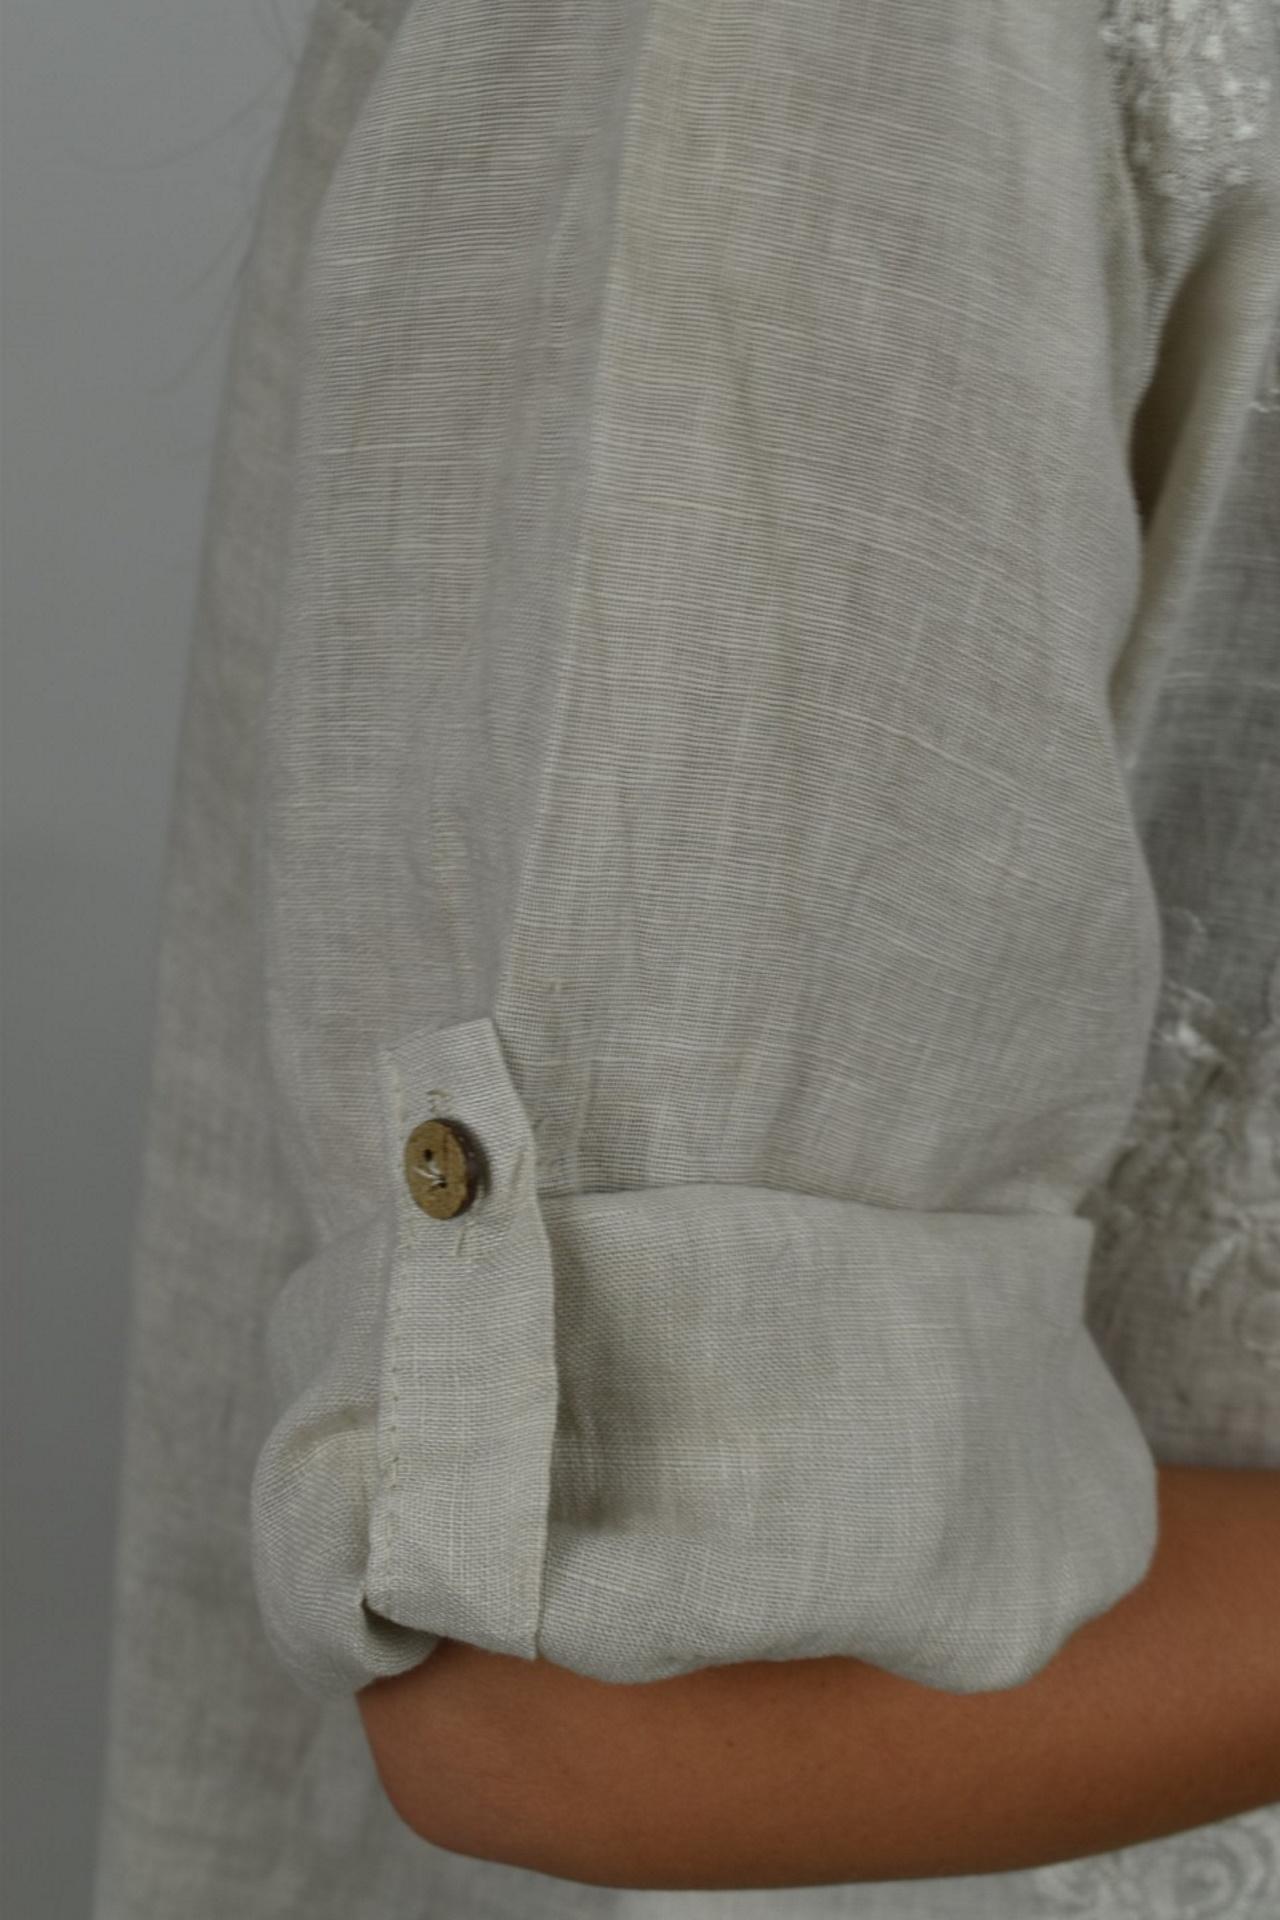 CAMMAXPE2102 BEIGE CAMICIA DA DONNA MANICA 34 100 LINO 3 1stAmerican camicia manica 3/4 da donna 100% lino Made in Italy - vestito collo a y da spiaggia donna